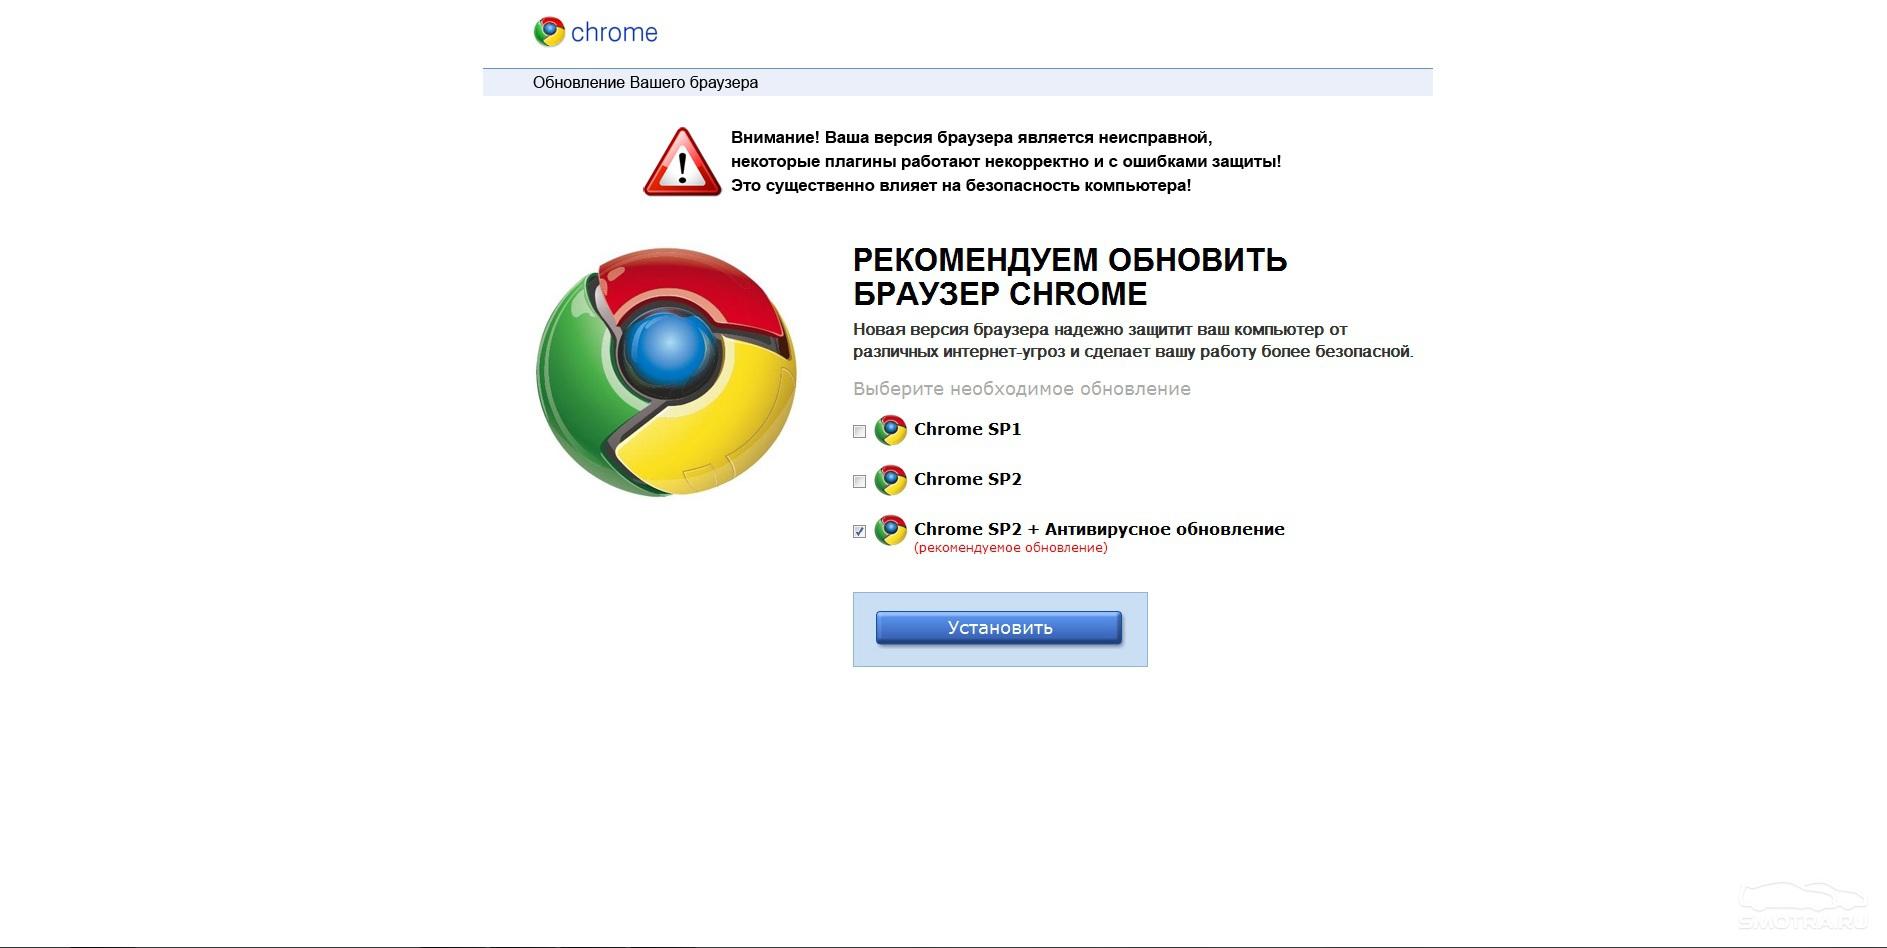 Как сделать окно браузера на полный экран? - Линчакин 14